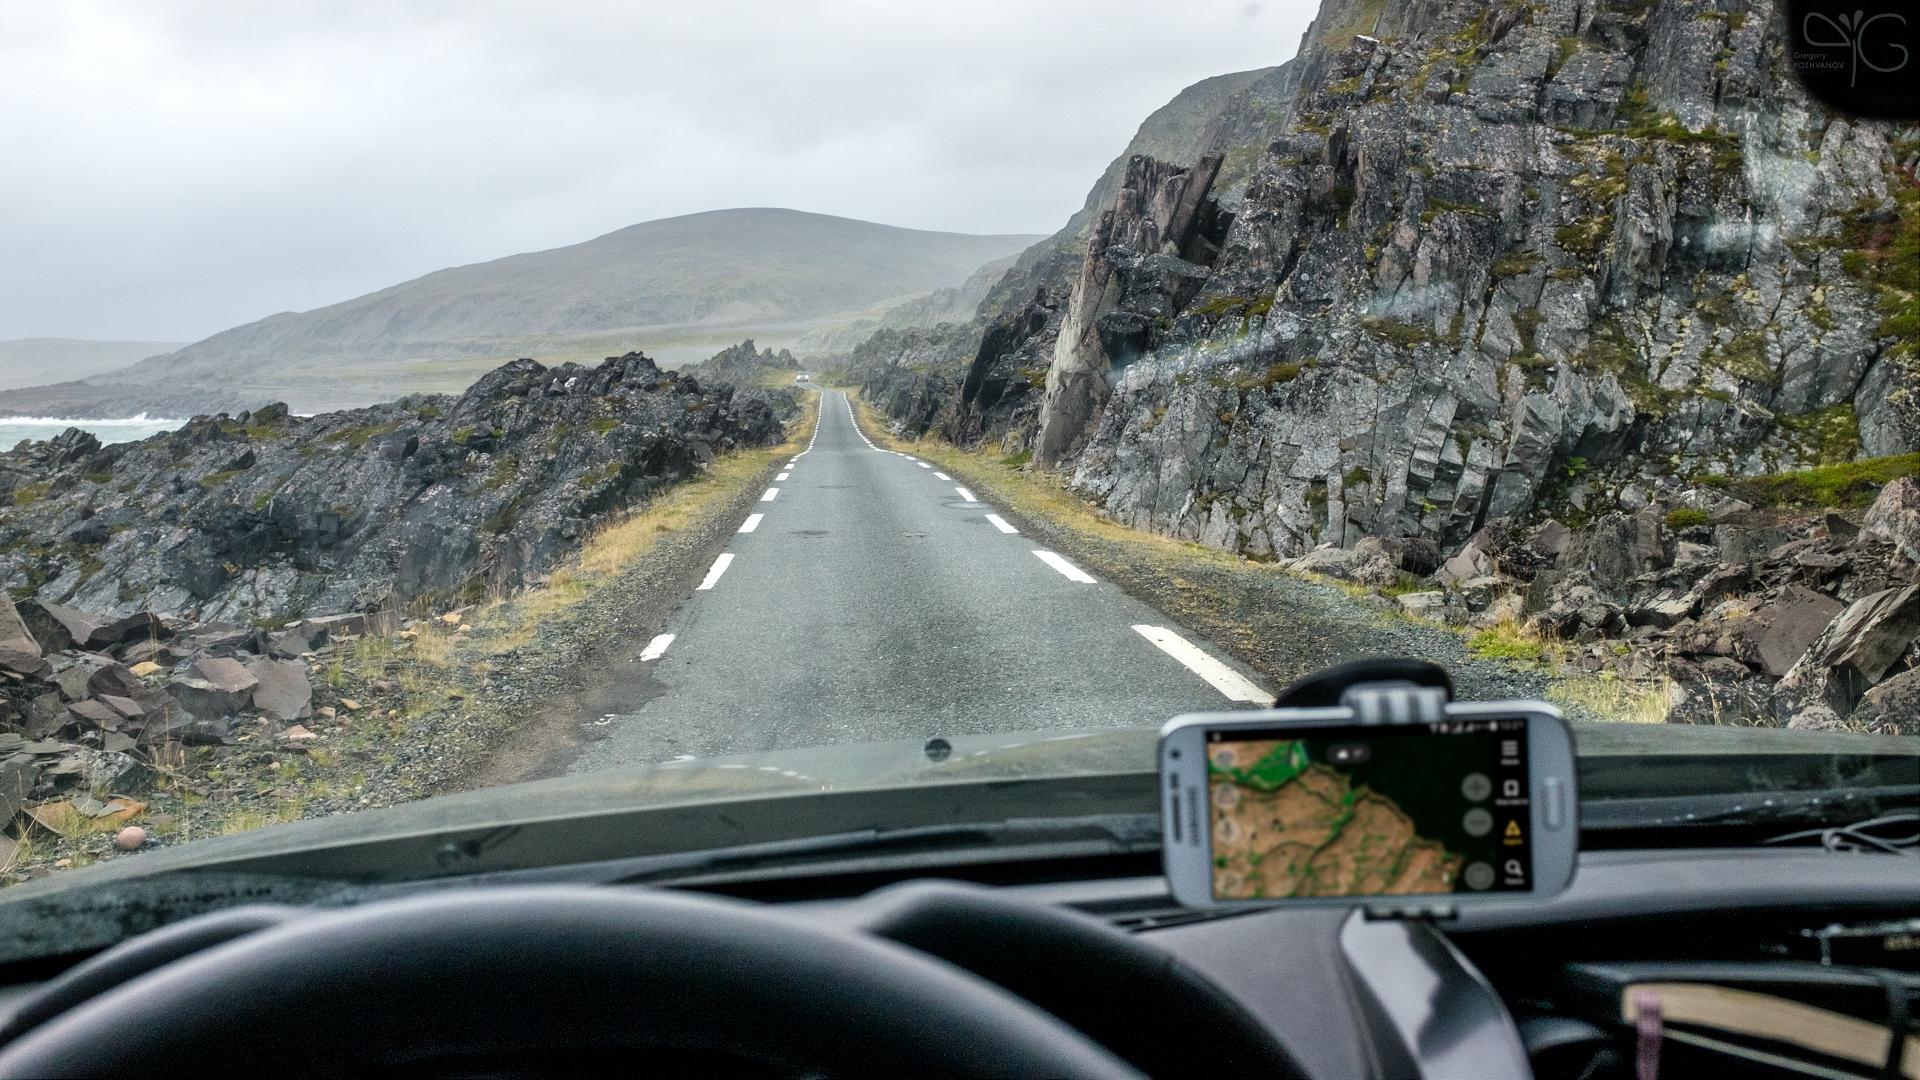 Телефон-навигатор в машине